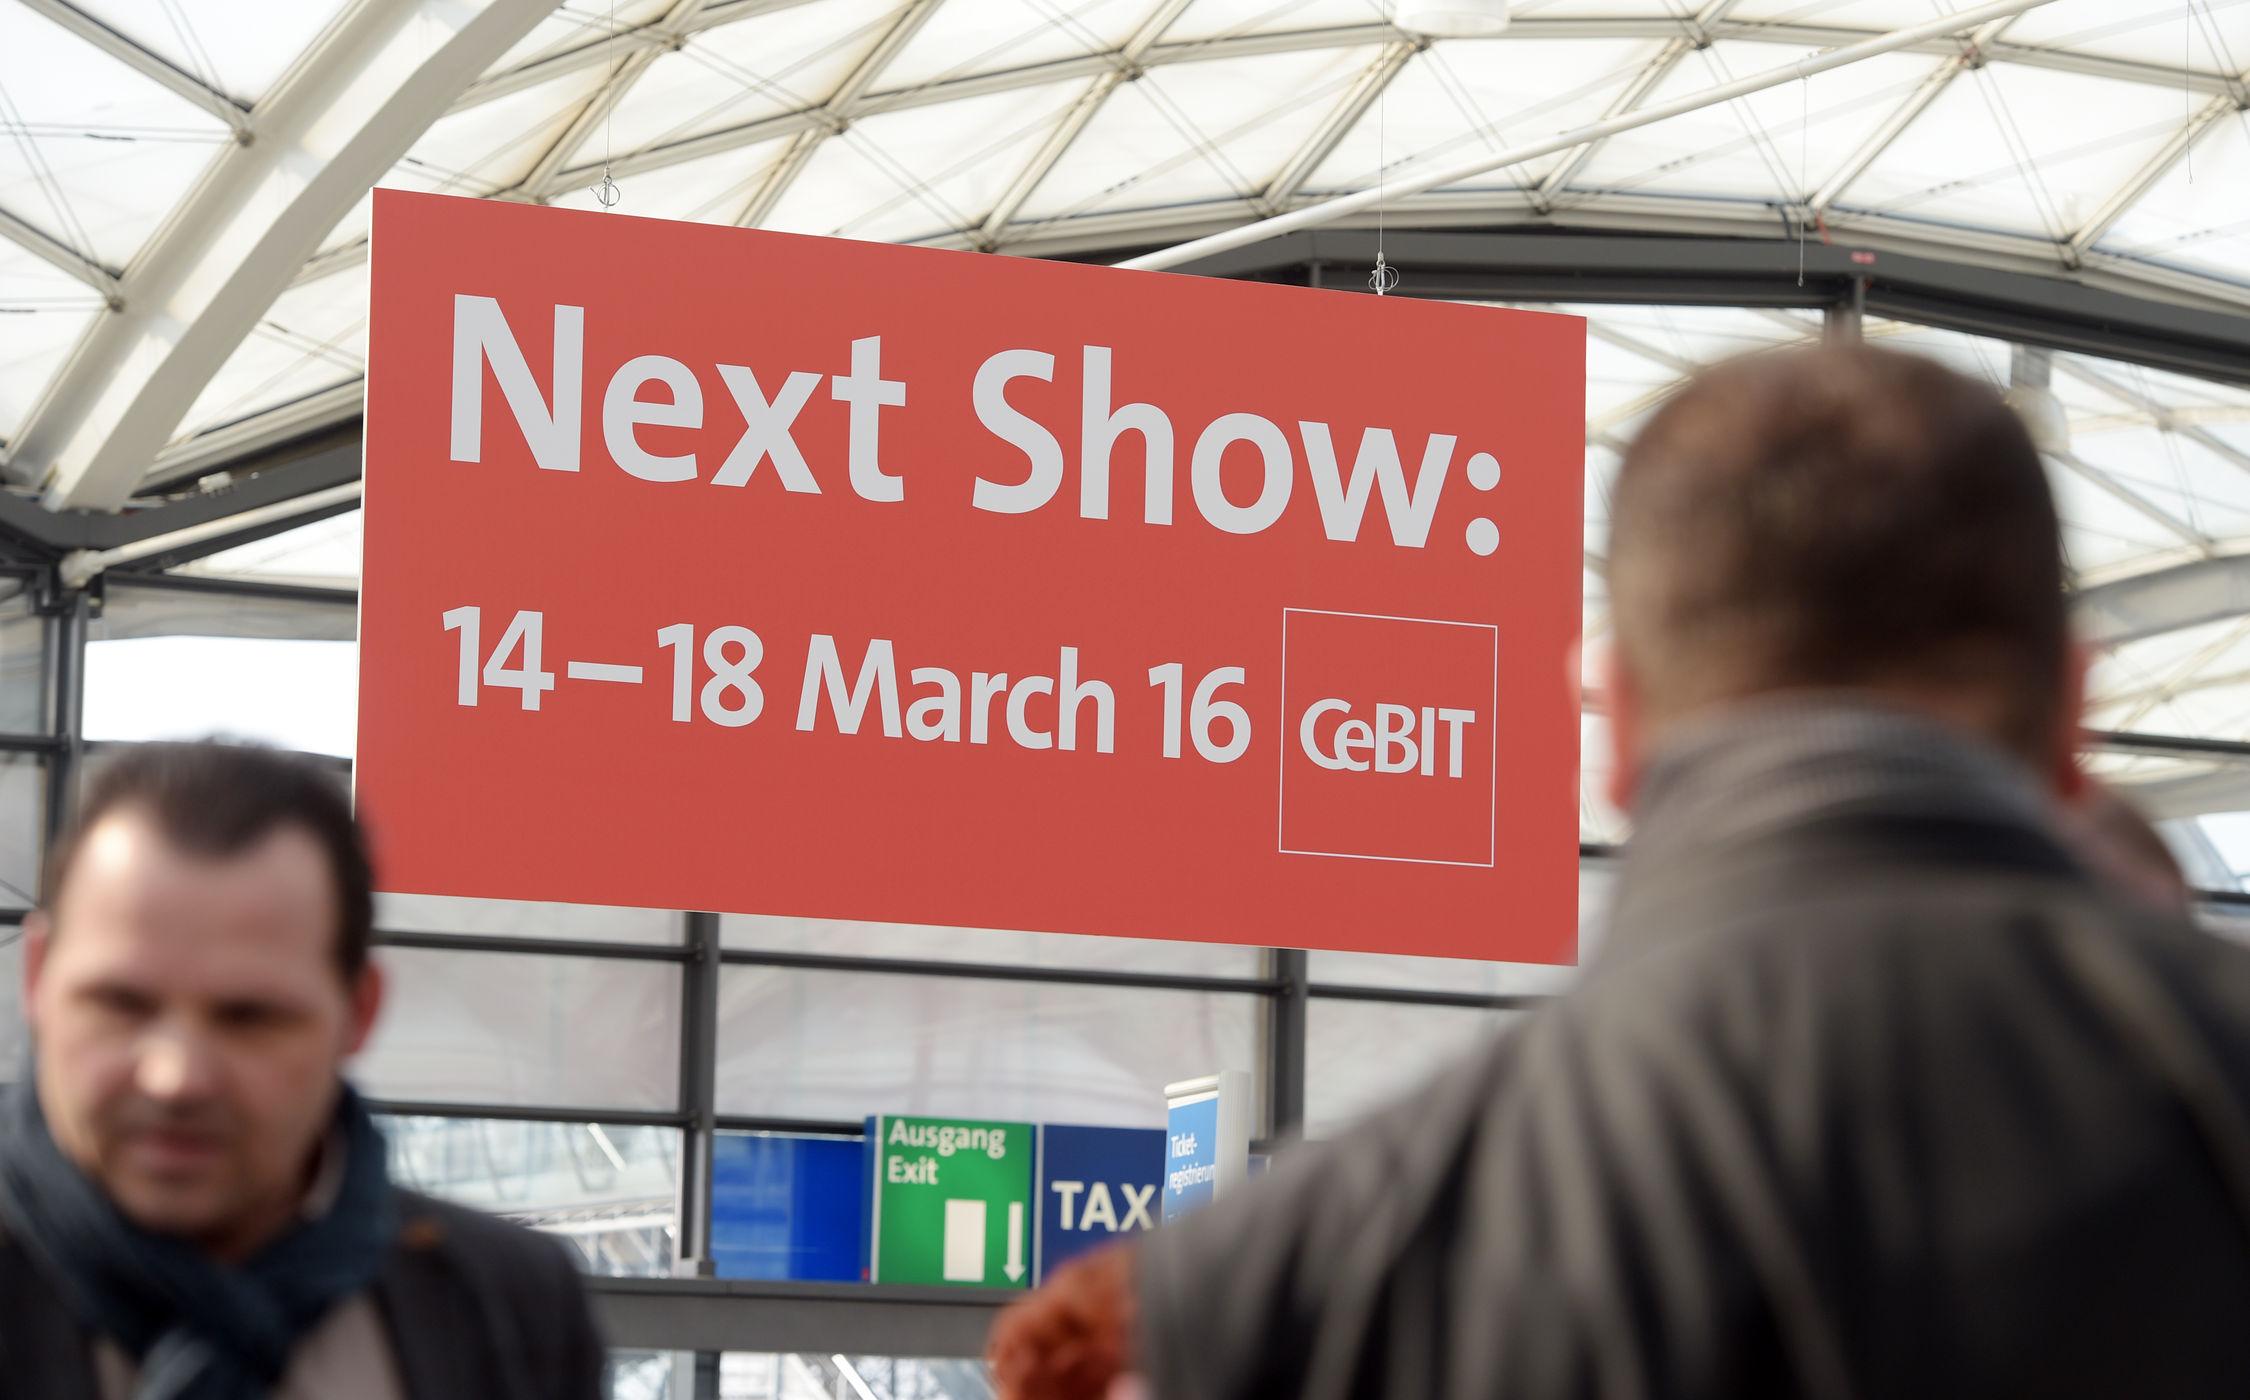 Die CeBIT 2016 findet vom 14. bis 18. März 2016 statt. (Bild: Deutsche Messe)